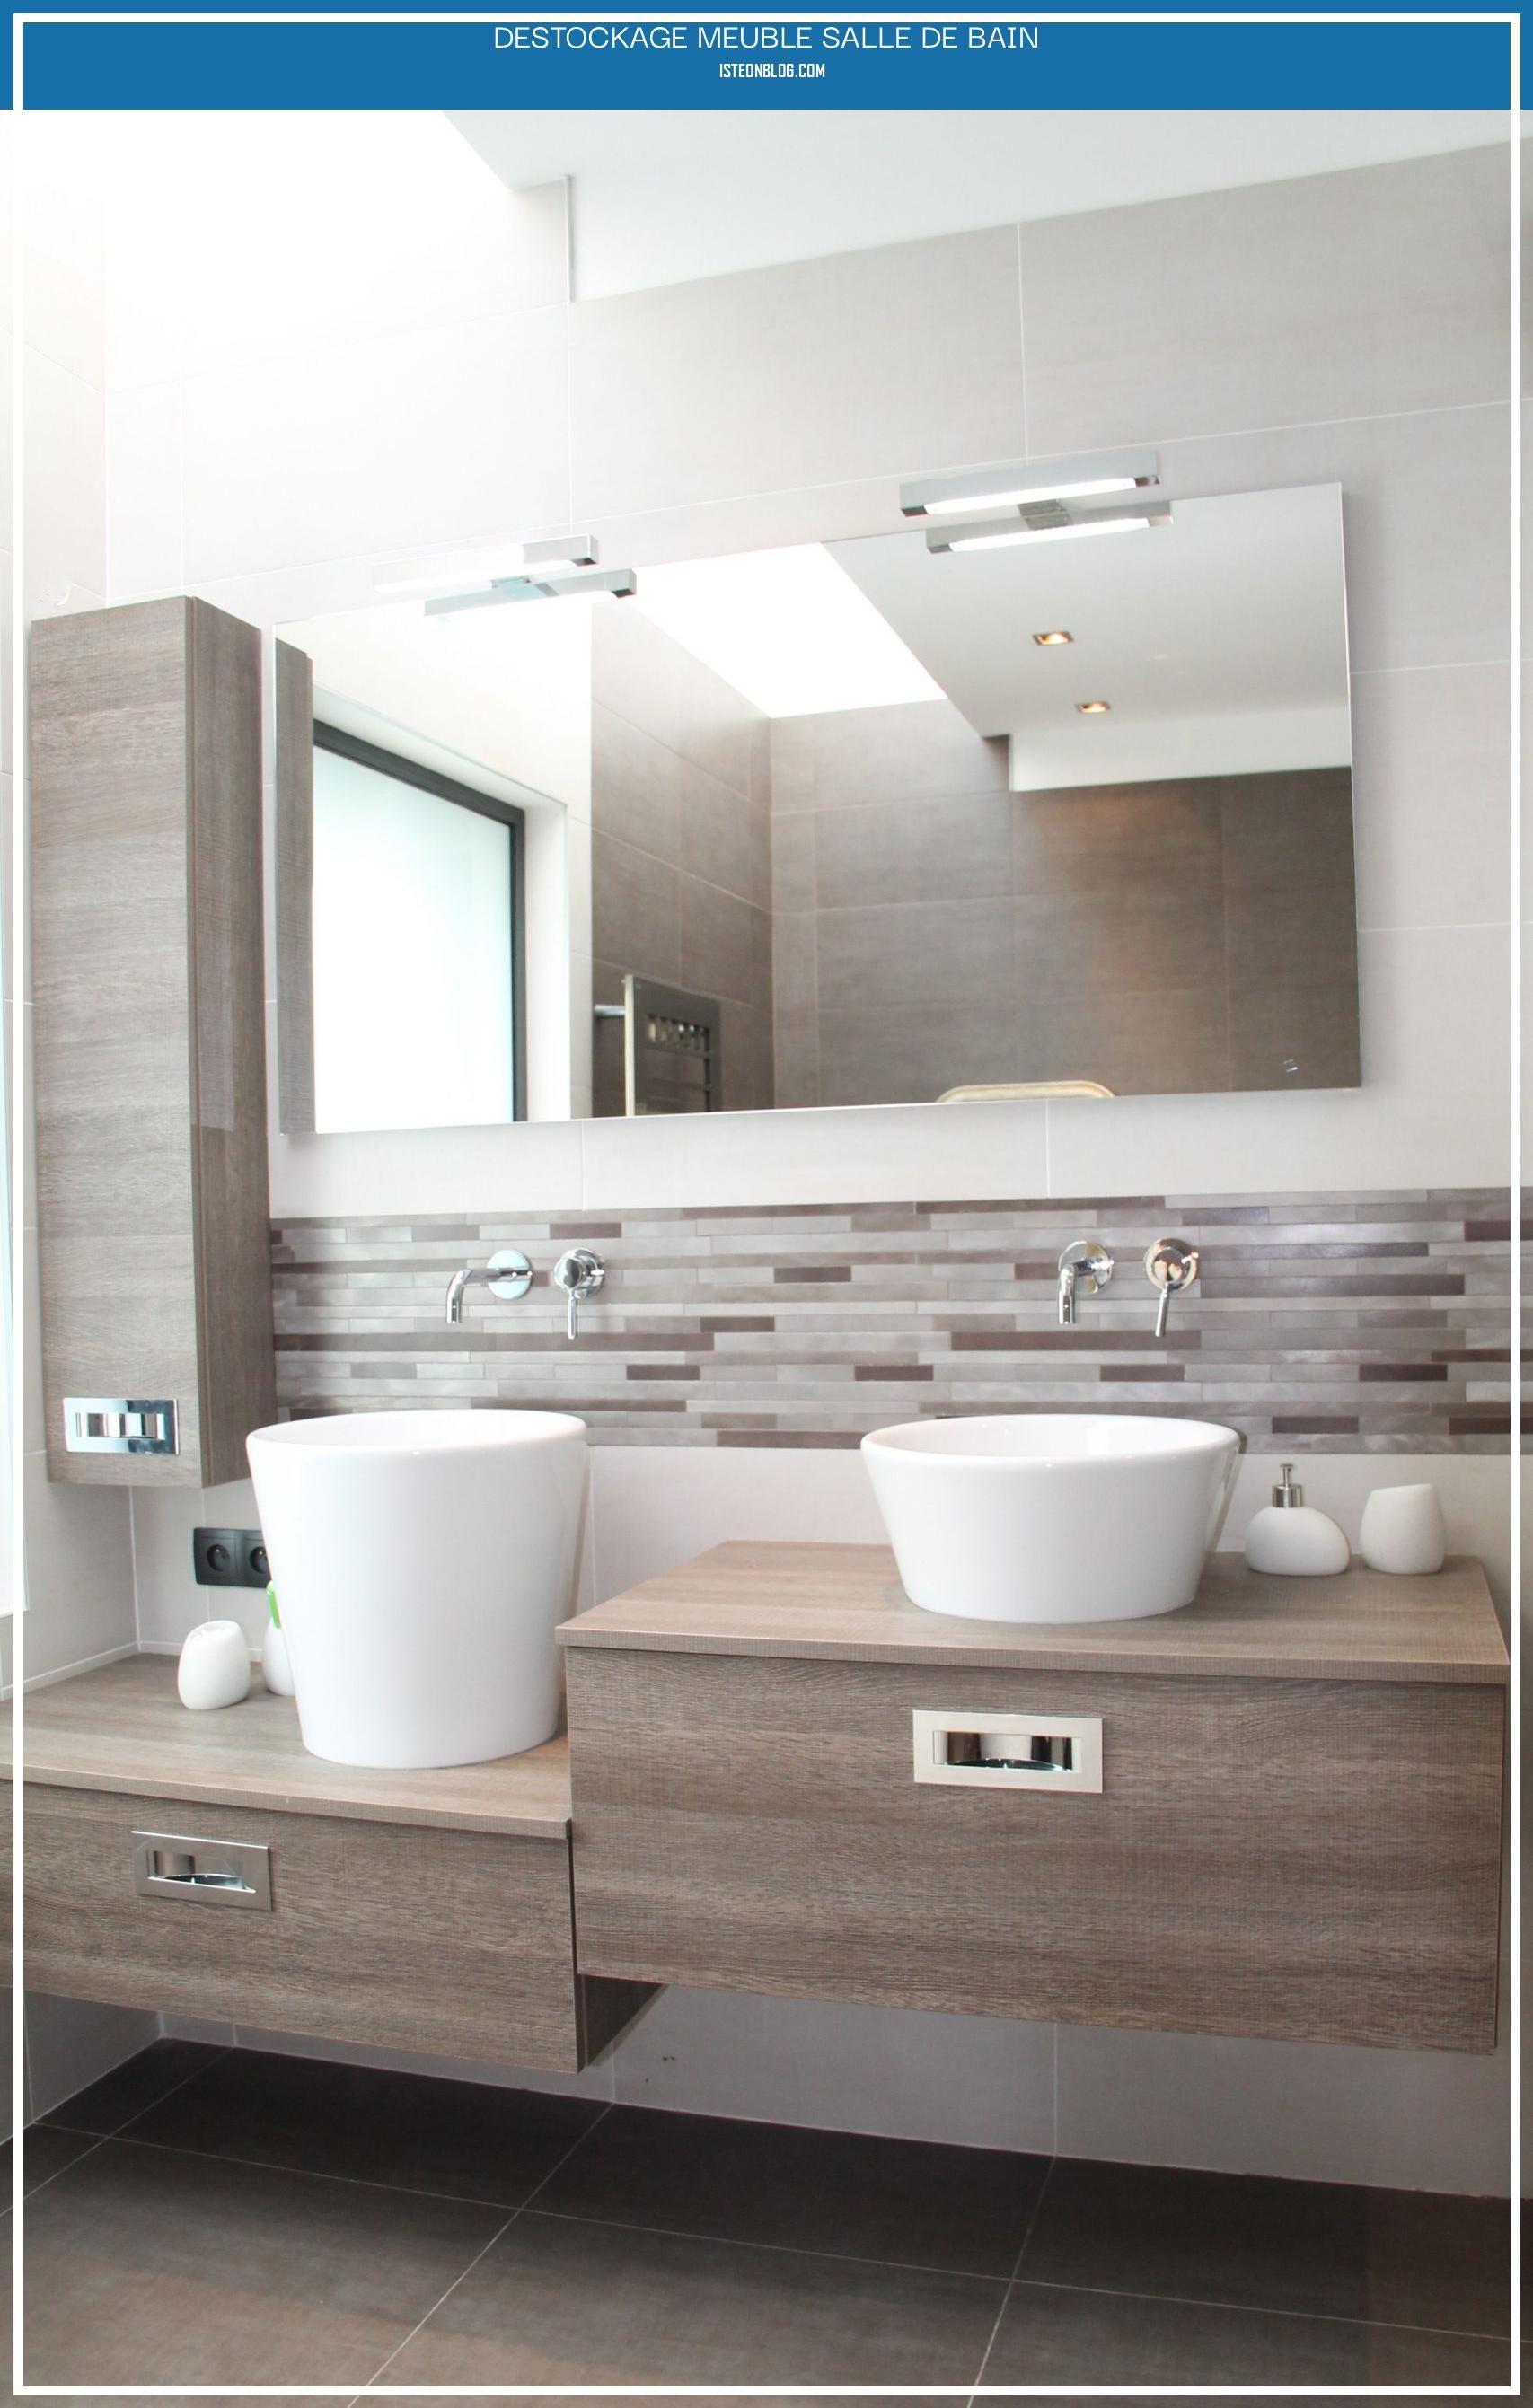 Destockage Meuble Salle De Bain En 2020 Meuble Salle De Bain Mobilier Salle De Bain Meuble Sous Lavabo